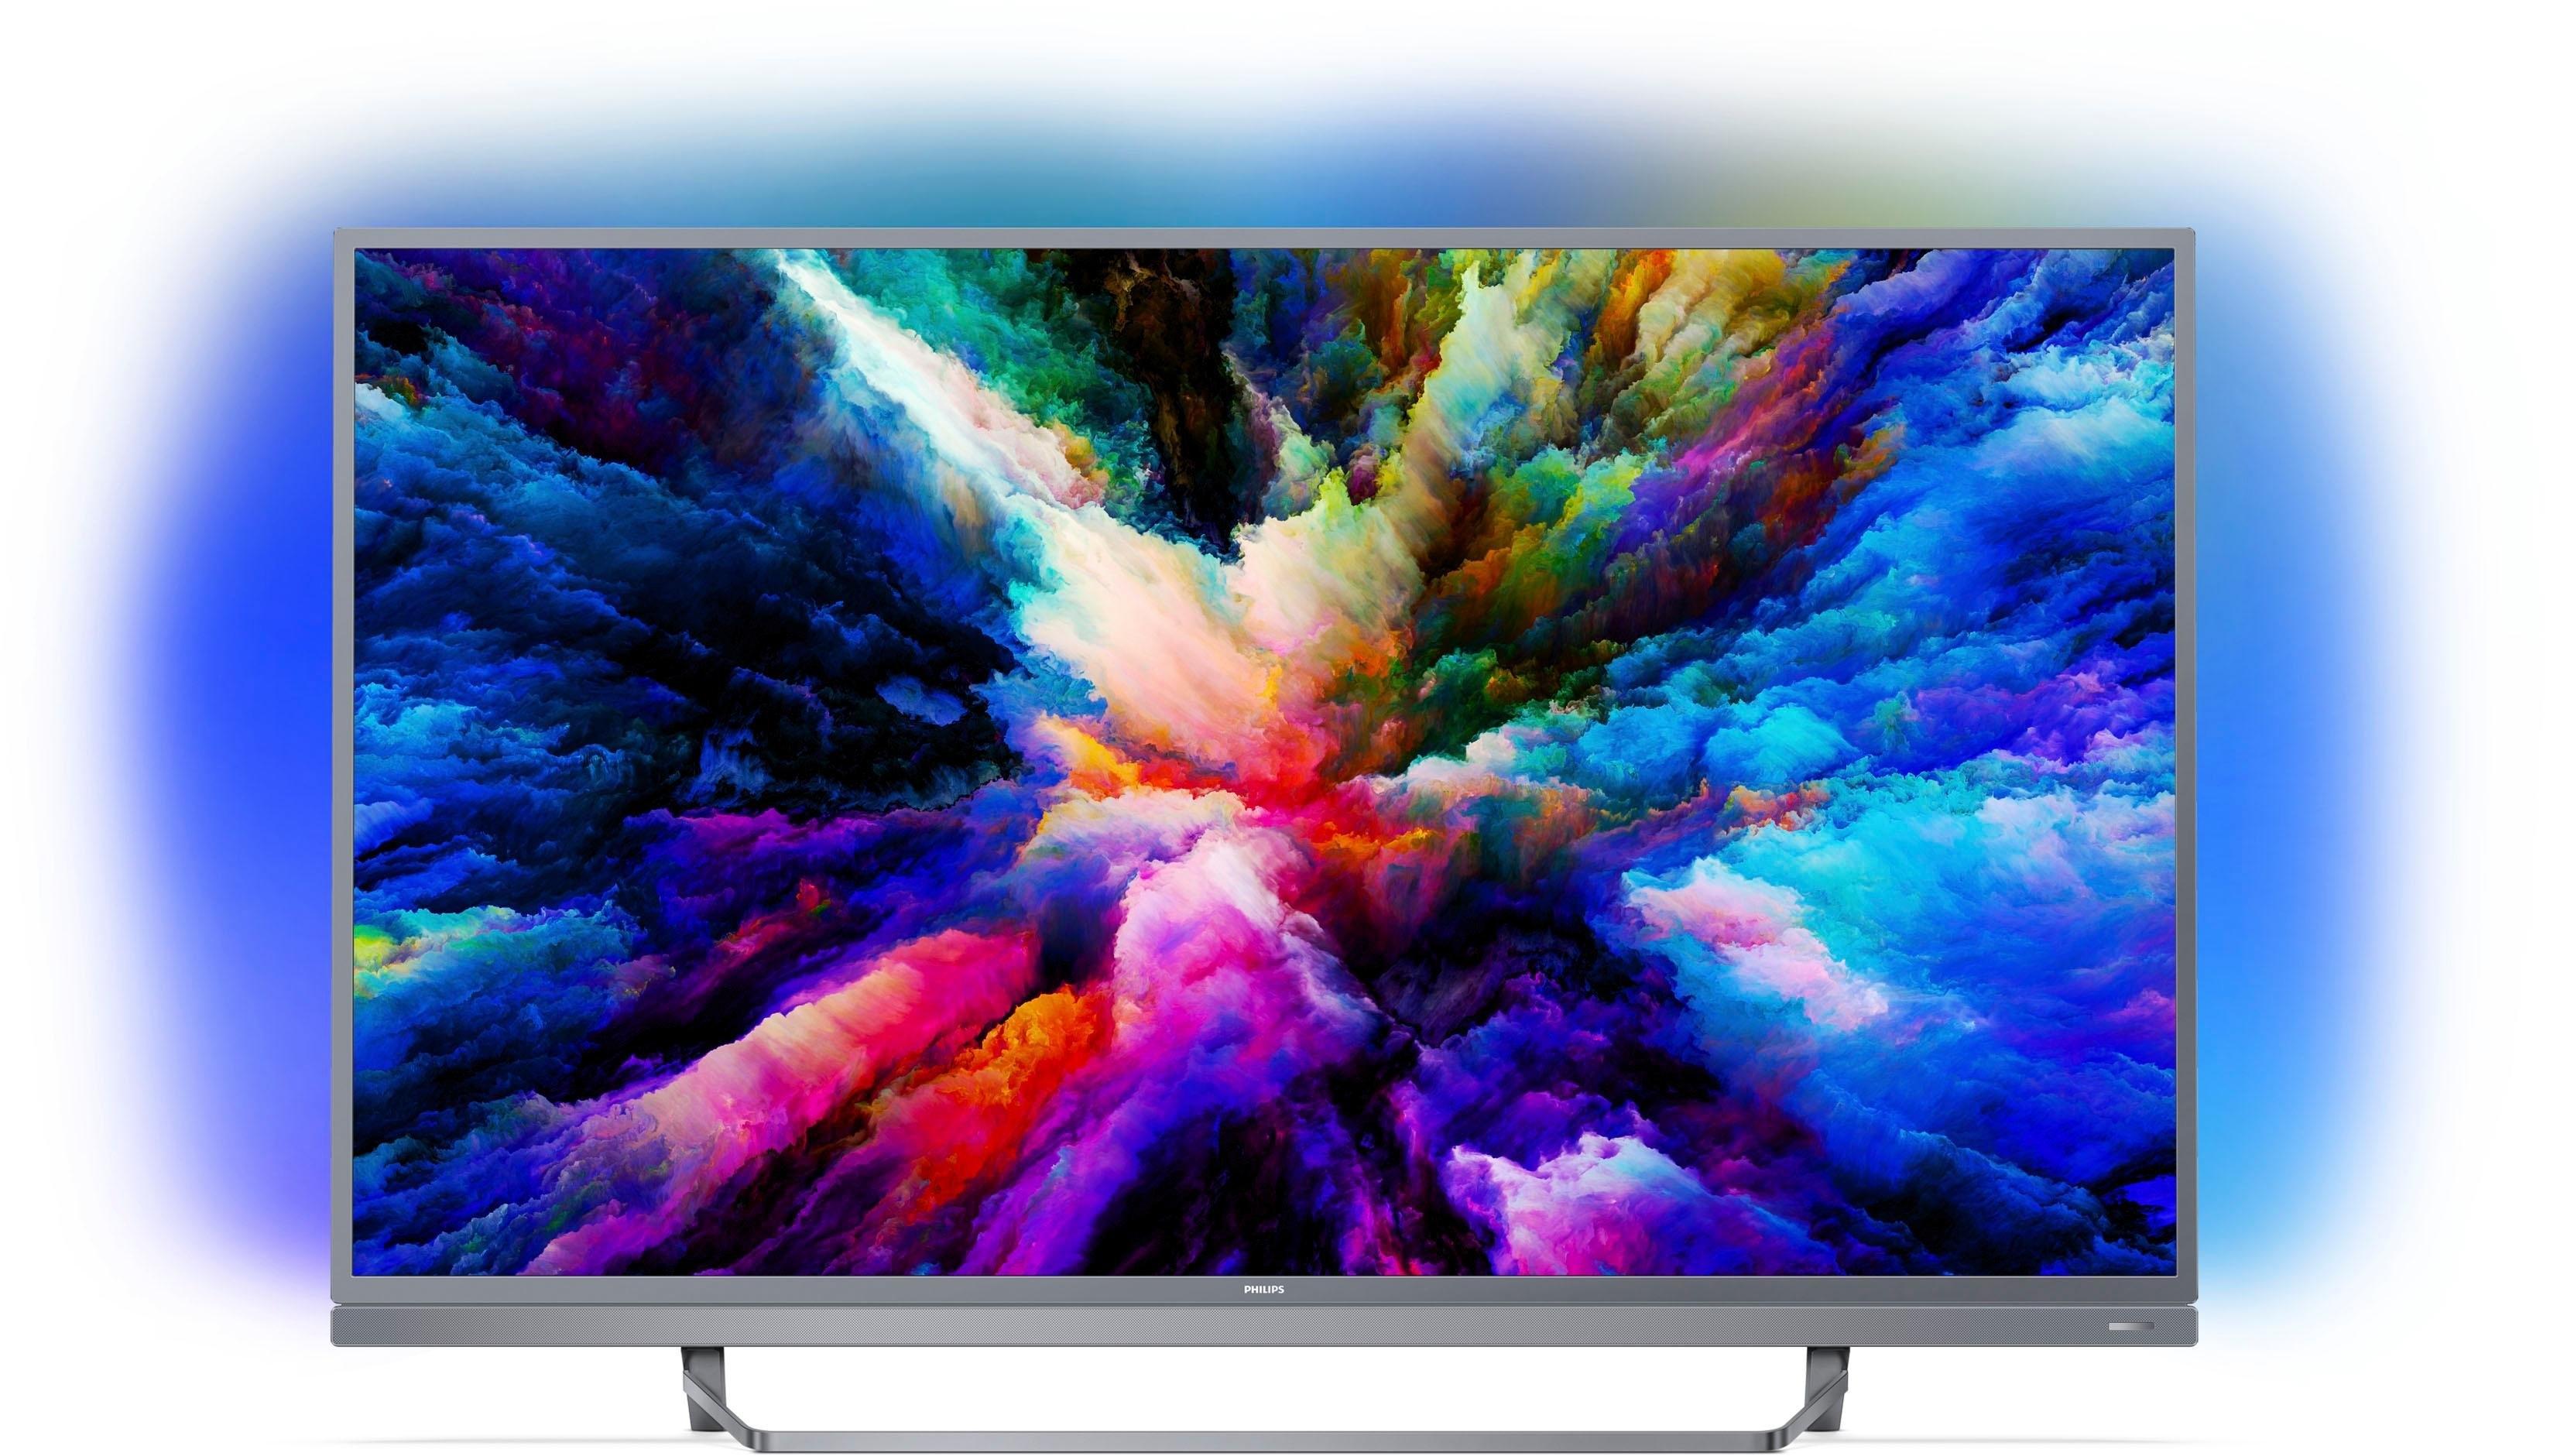 Philips 49PUS7503 led-tv (123 cm / 49 inch), smart-tv, 4K Ultra HD voordelig en veilig online kopen